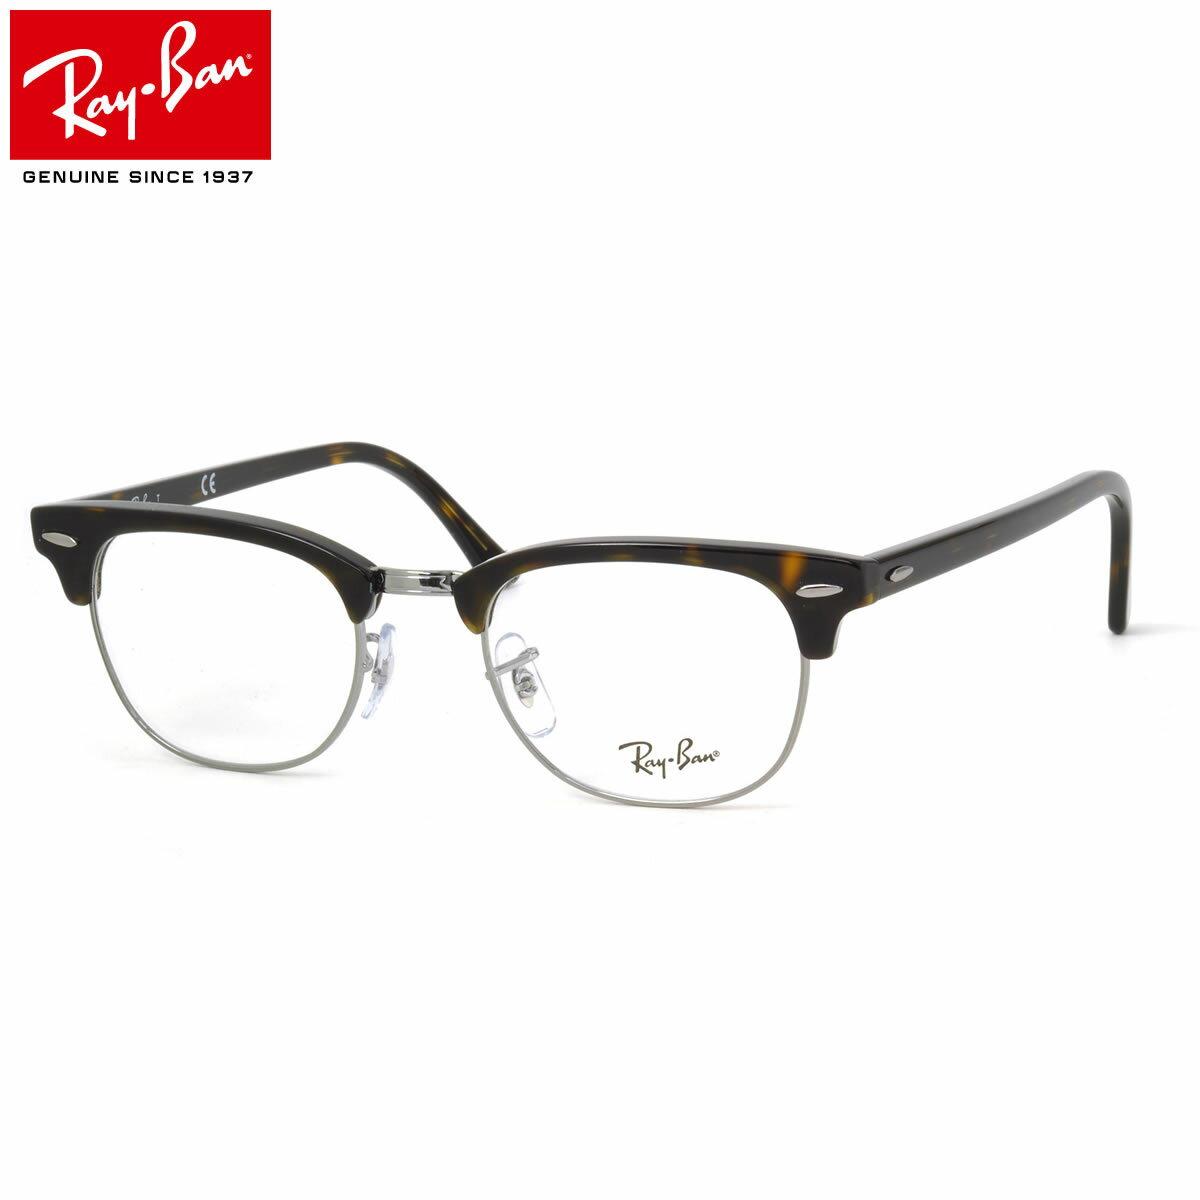 レイバン クラブマスター メガネ フレーム Ray-Ban RX5154 2012 51サイズ サーモントブロー レイバン RAYBAN CLUB MASTER メンズ レディース